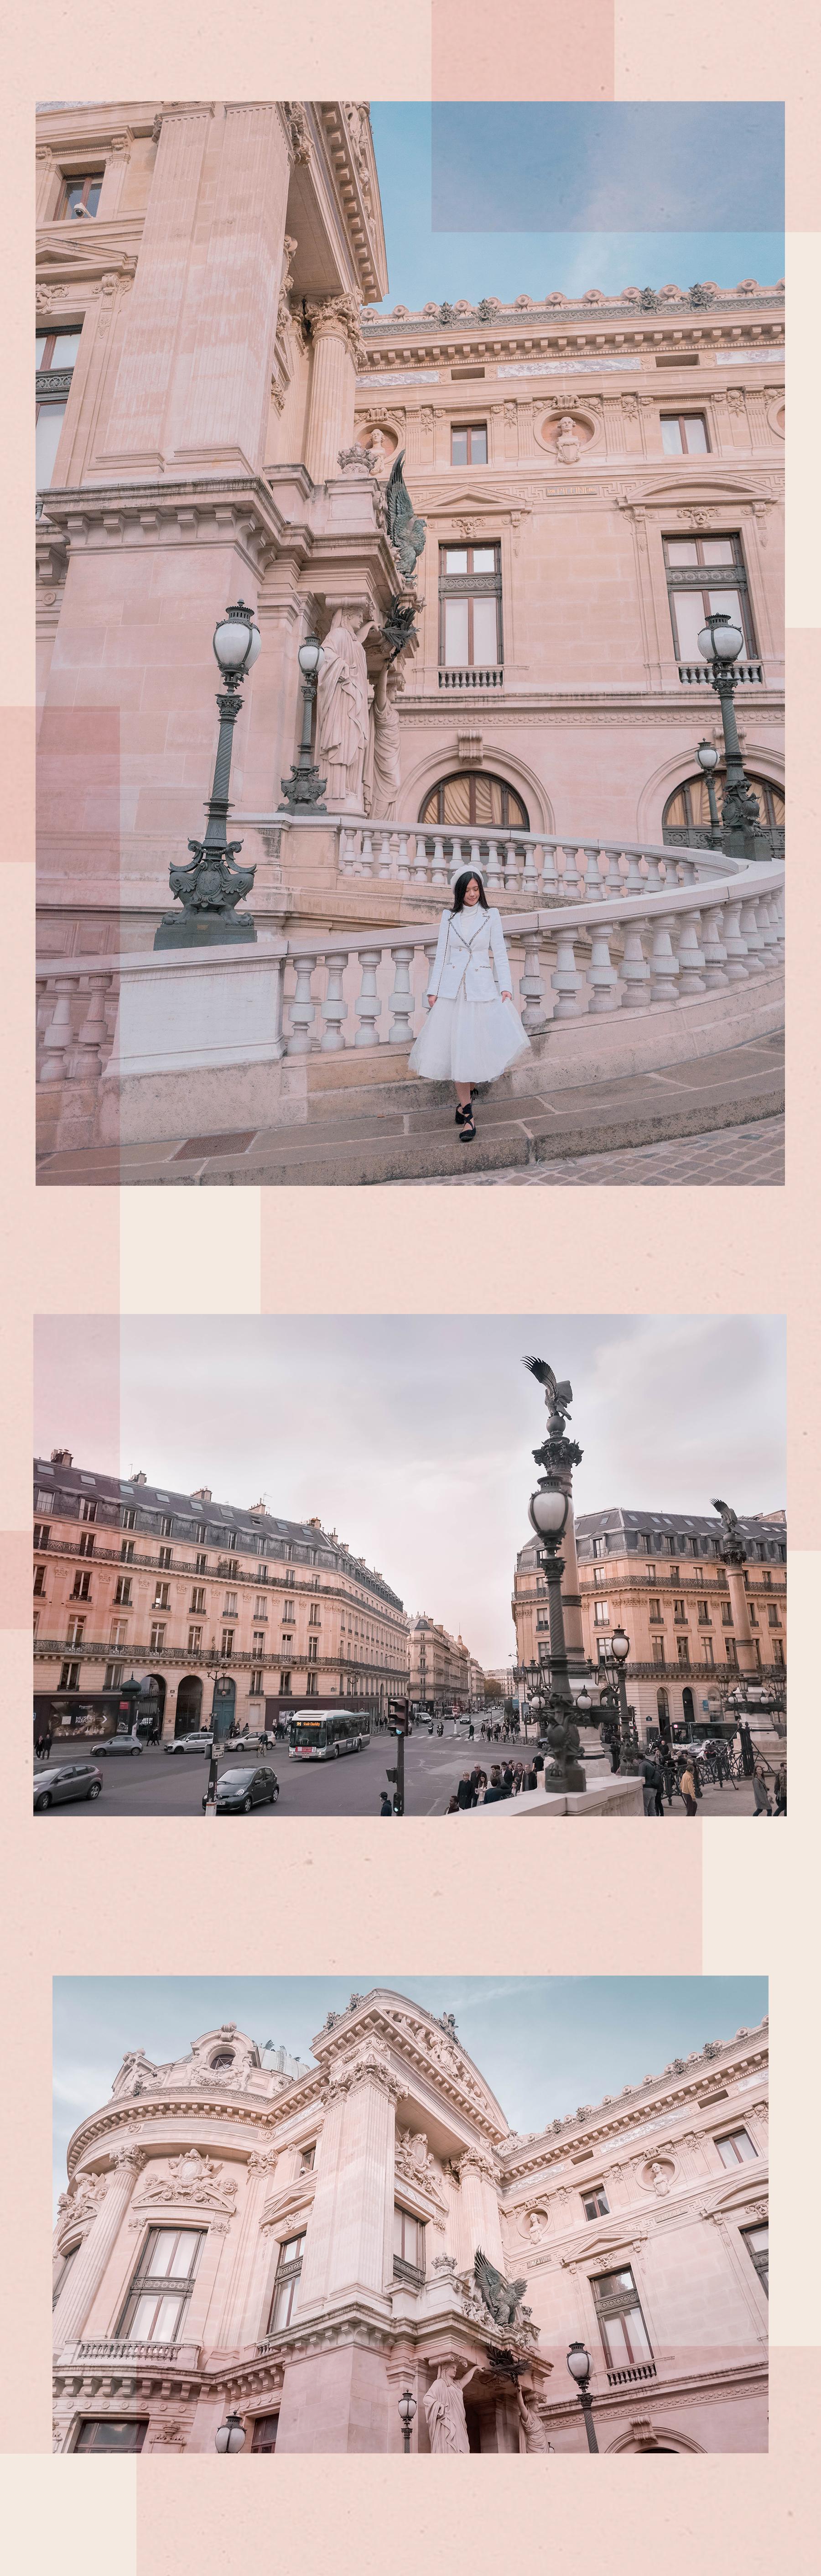 10. V&V - Paris 11